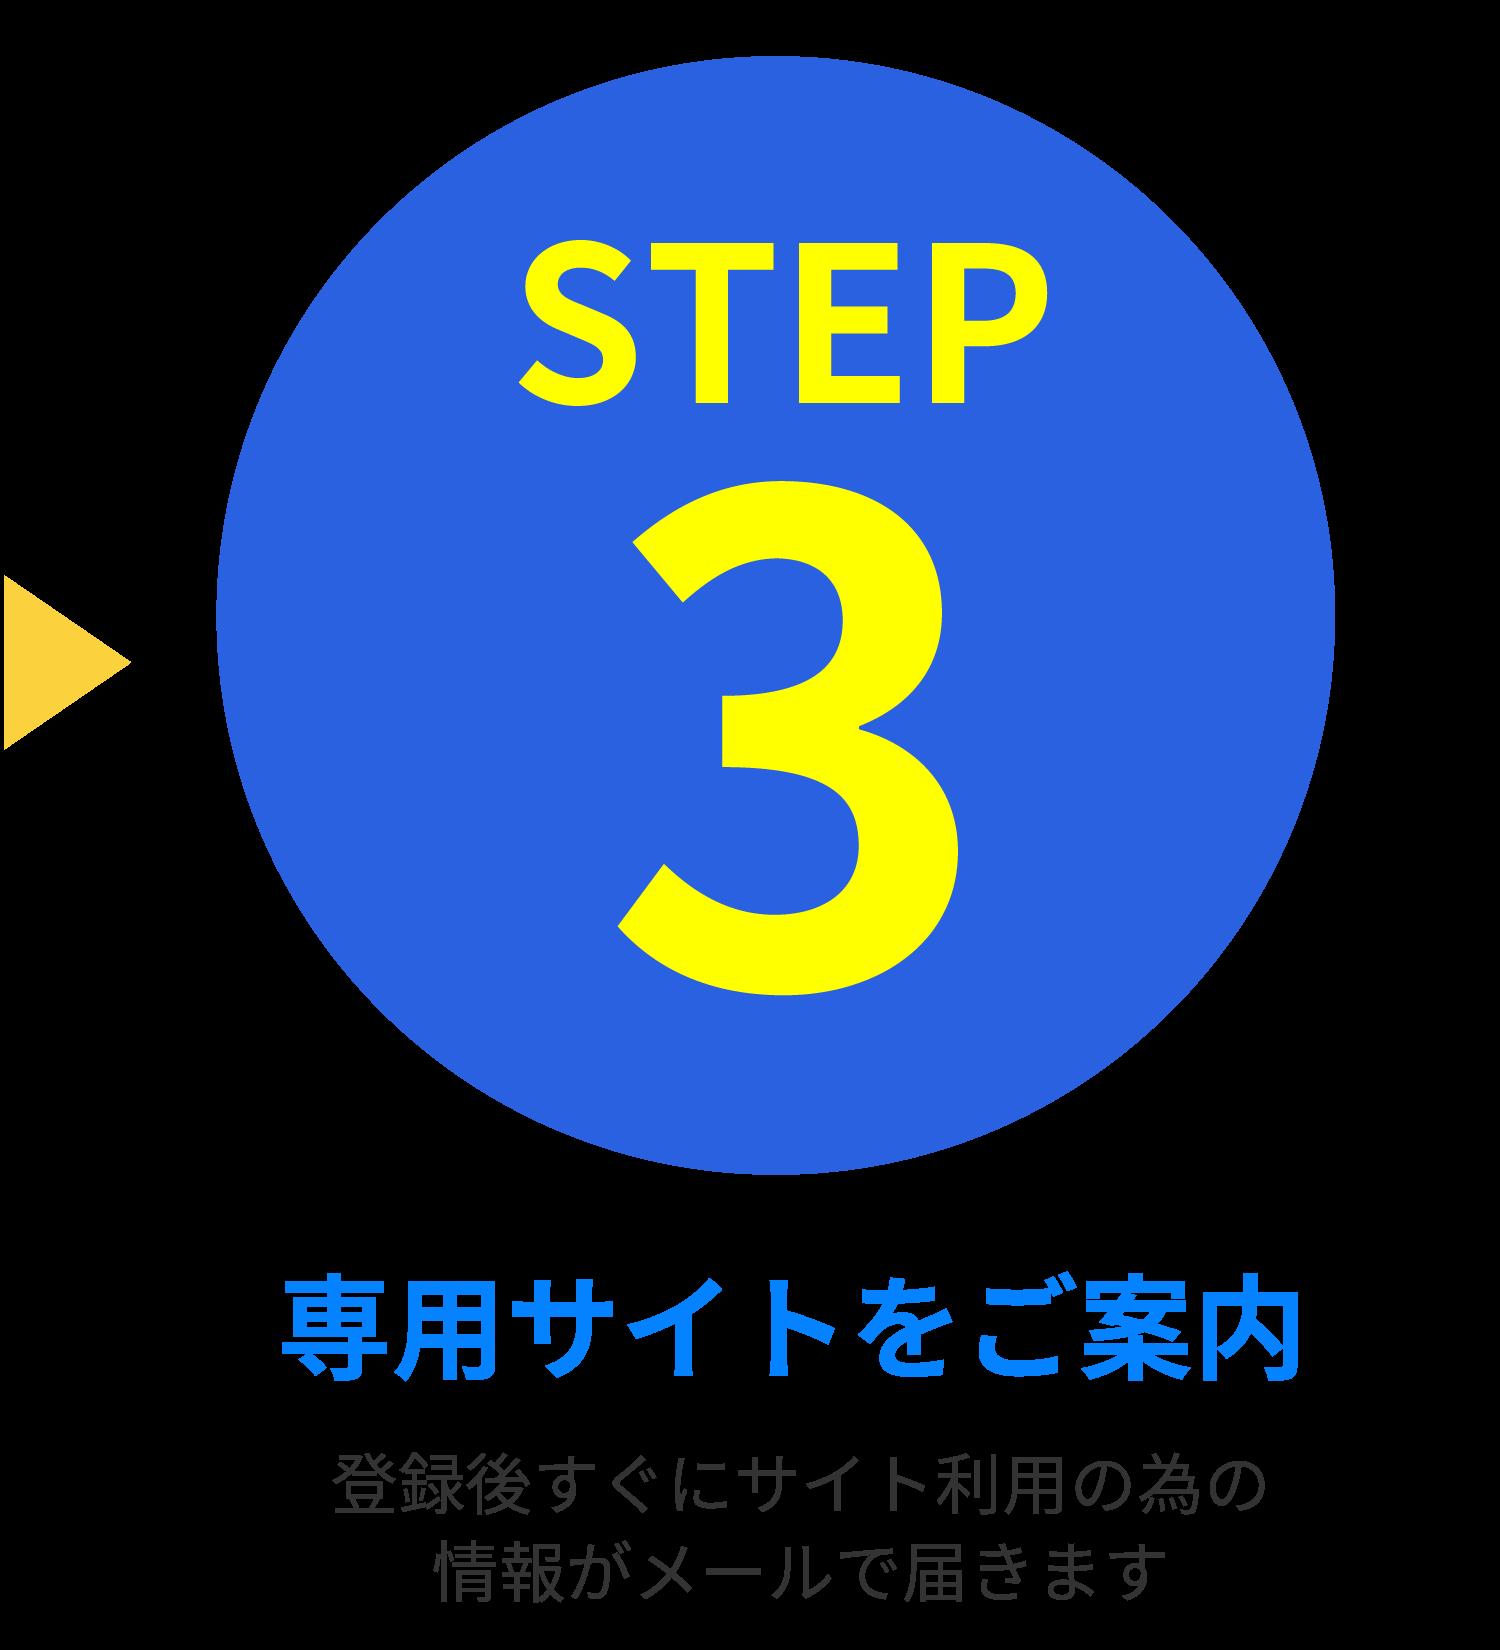 無料トライアル体験のお申し込みは簡単3ステップ!